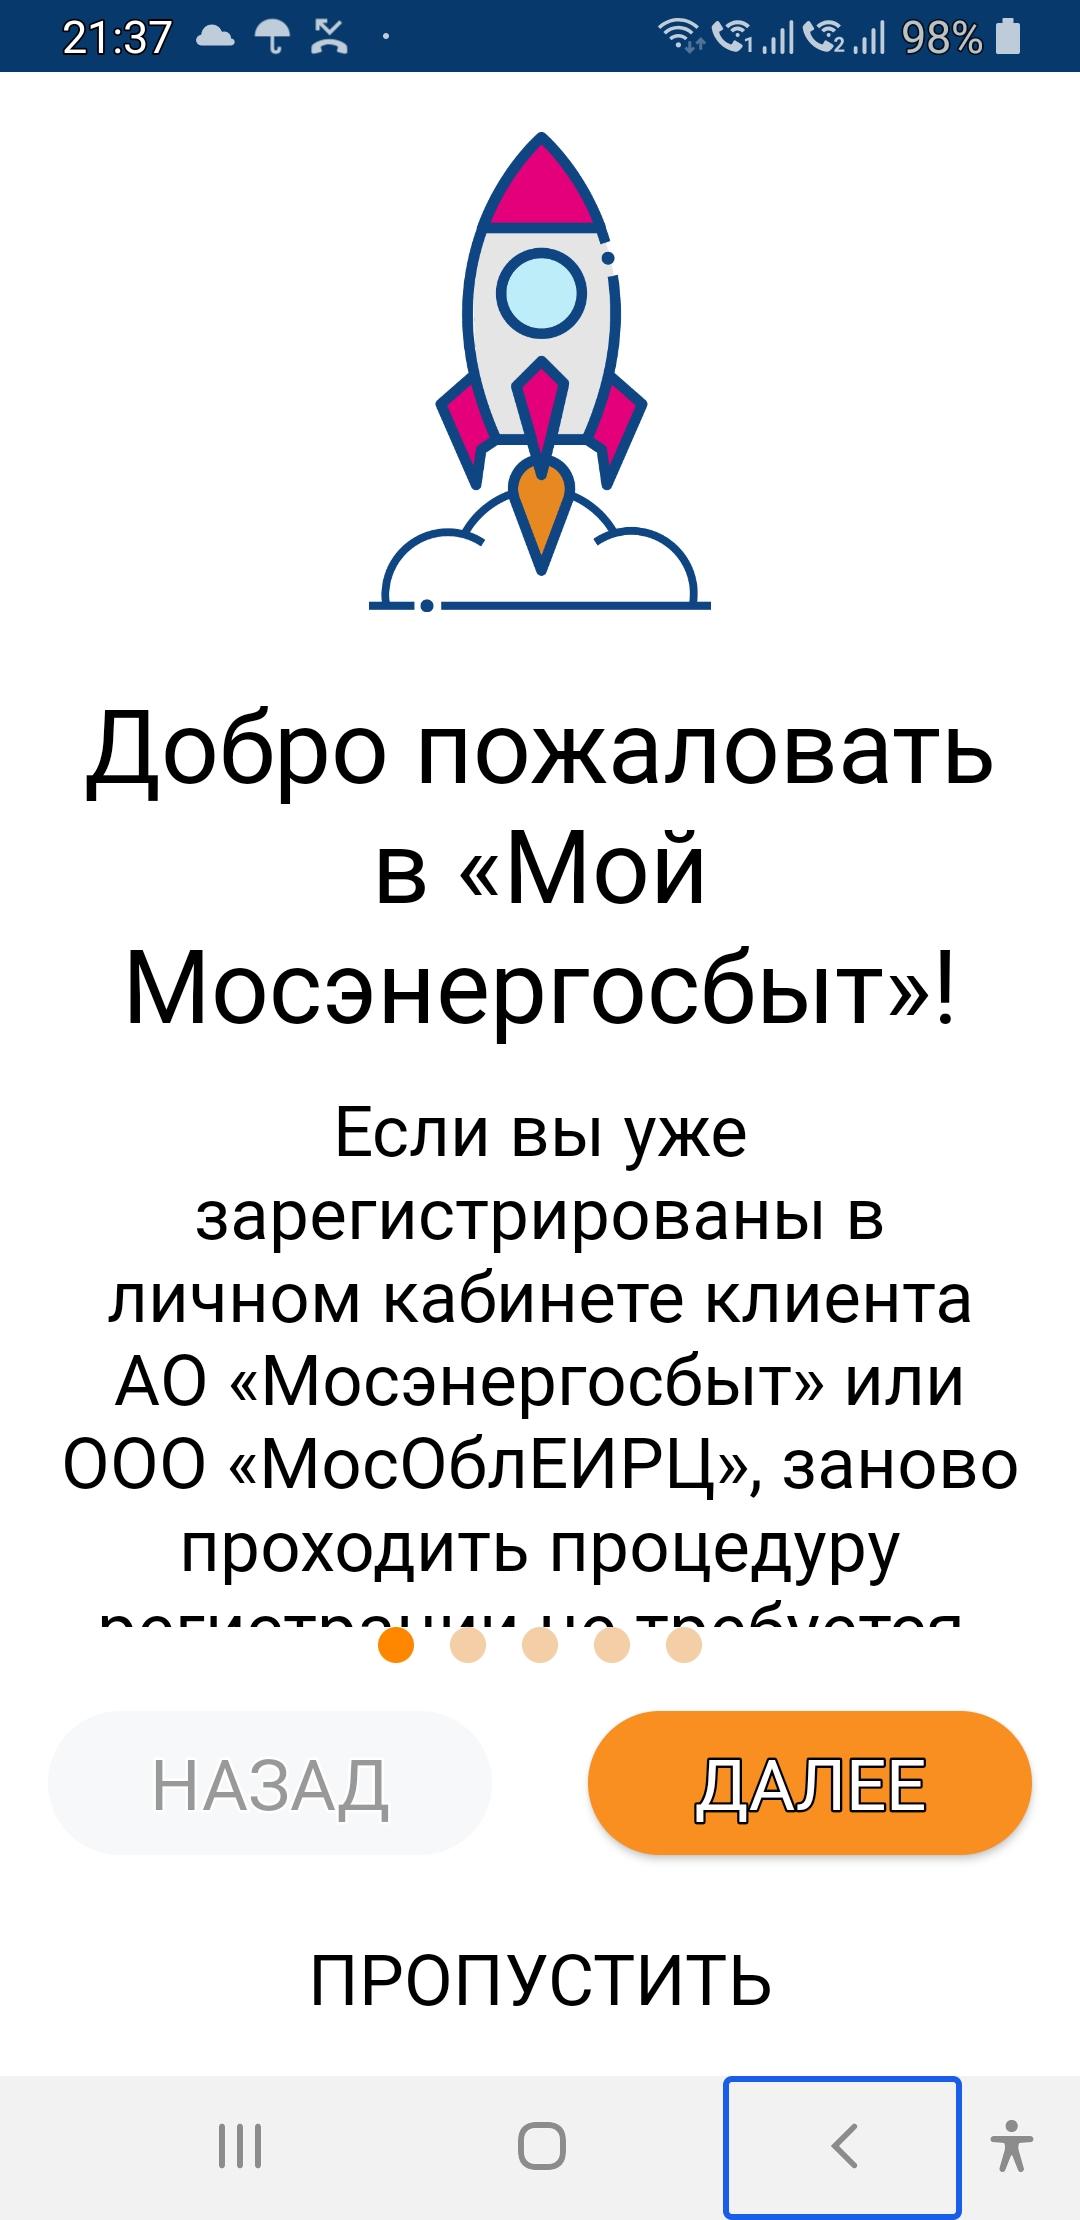 Мосэнергосбыт_Добро пожаловать